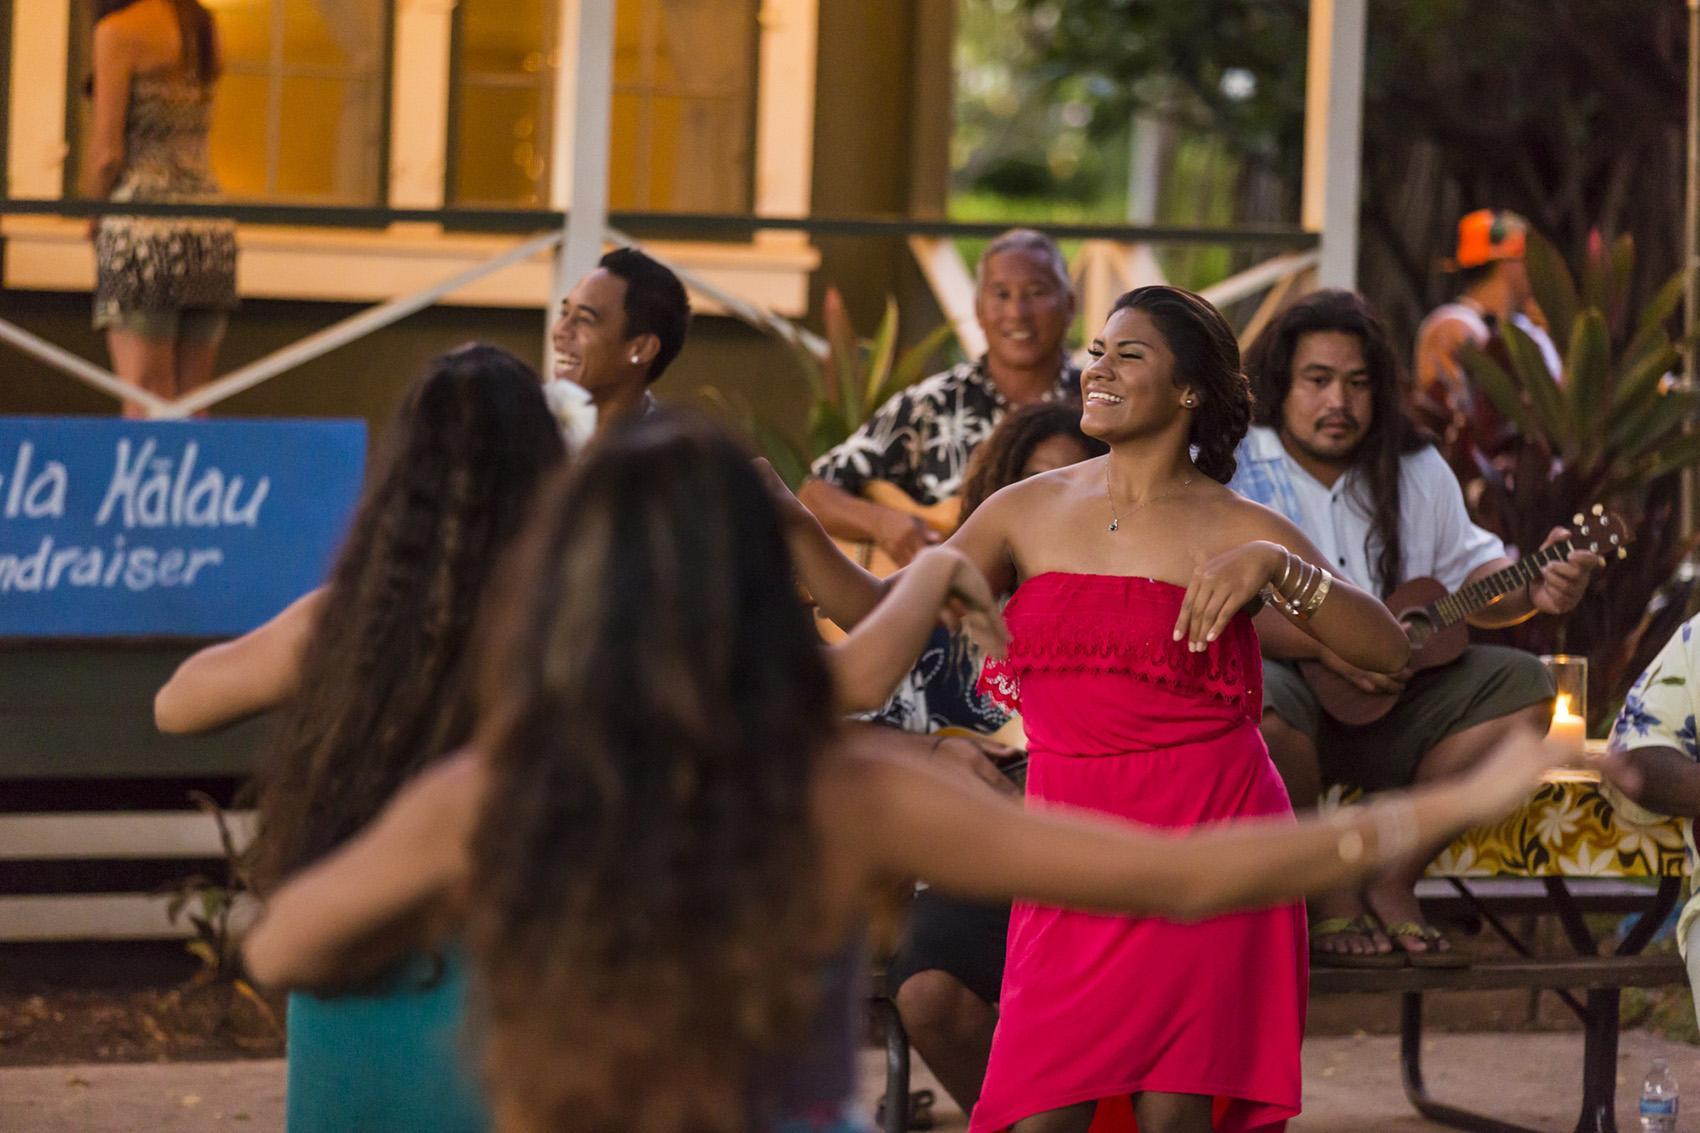 Kauai Events Calendar February 2020 Kauai Festivals and Annual Events | Go Hawaii